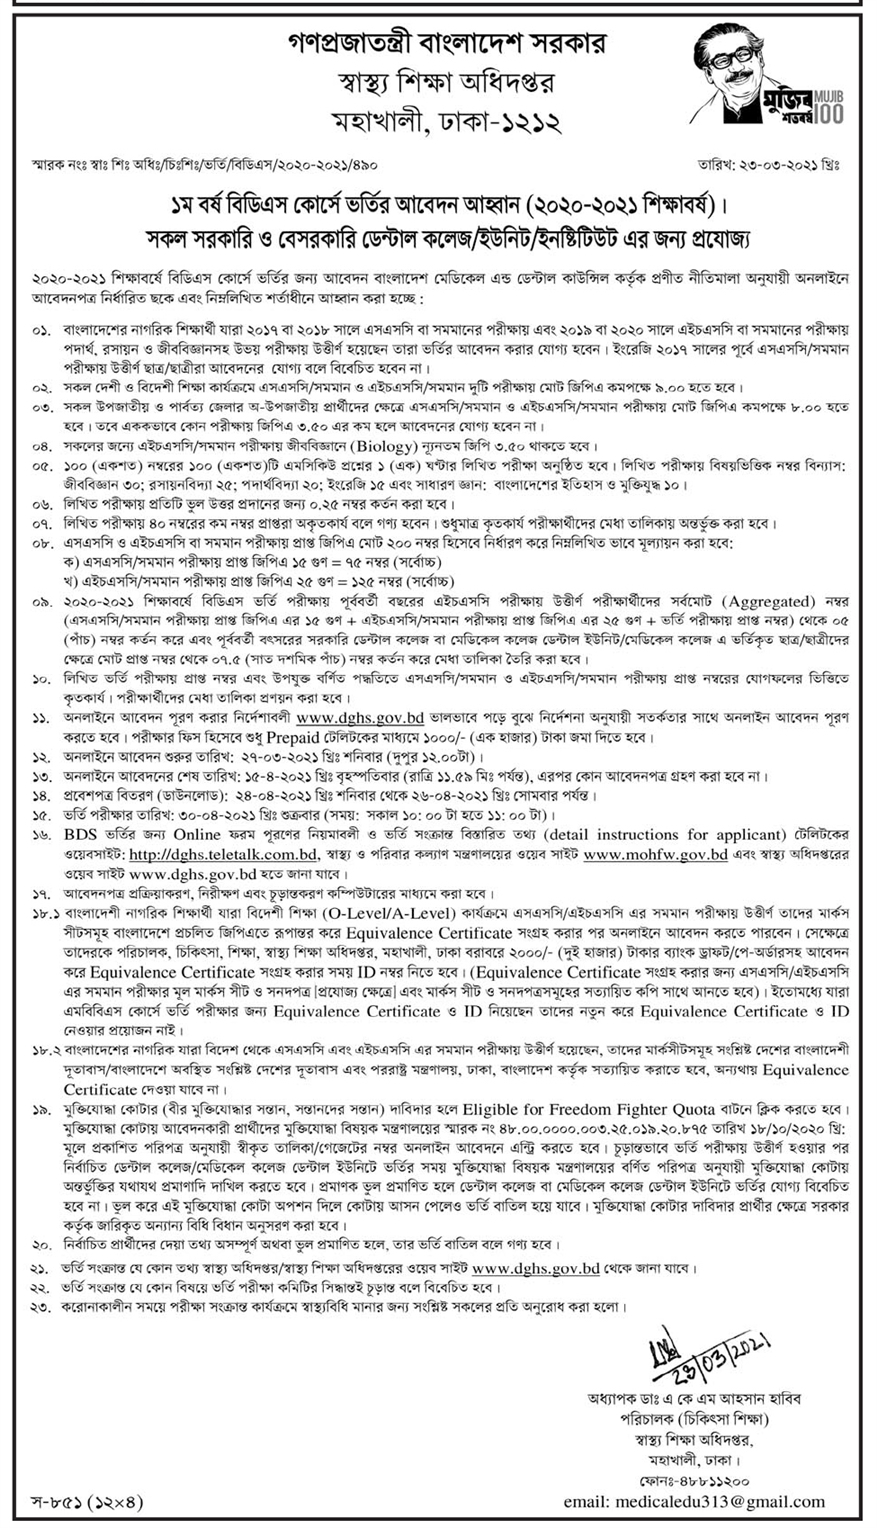 BDS Admission Circular 2020-2021